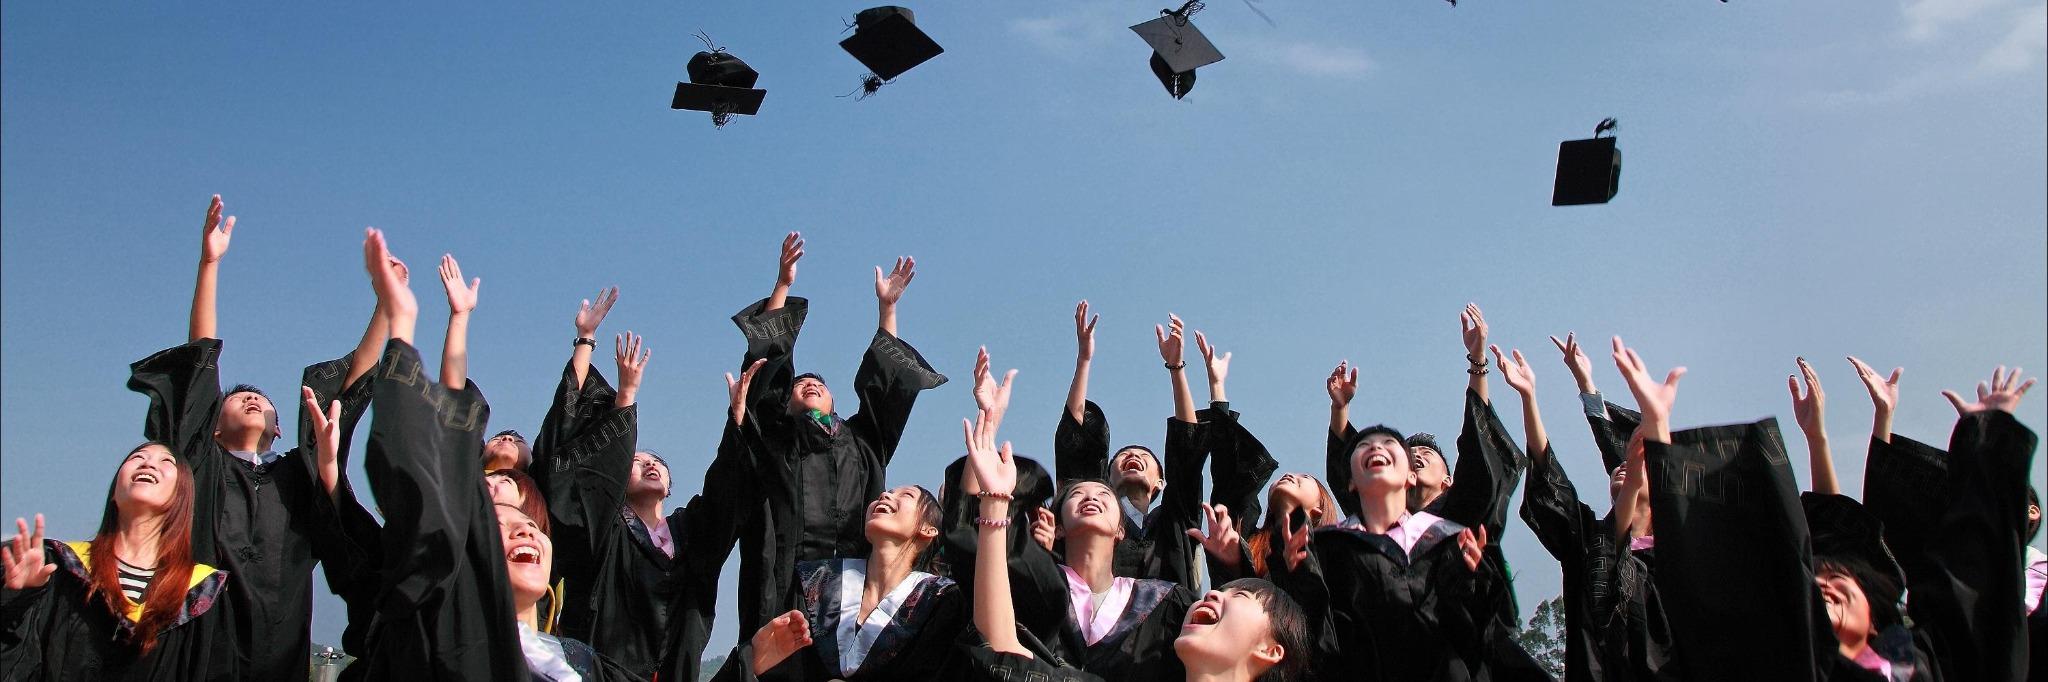 アメリカ高校留学 留学生受け入れ可能な私立高校